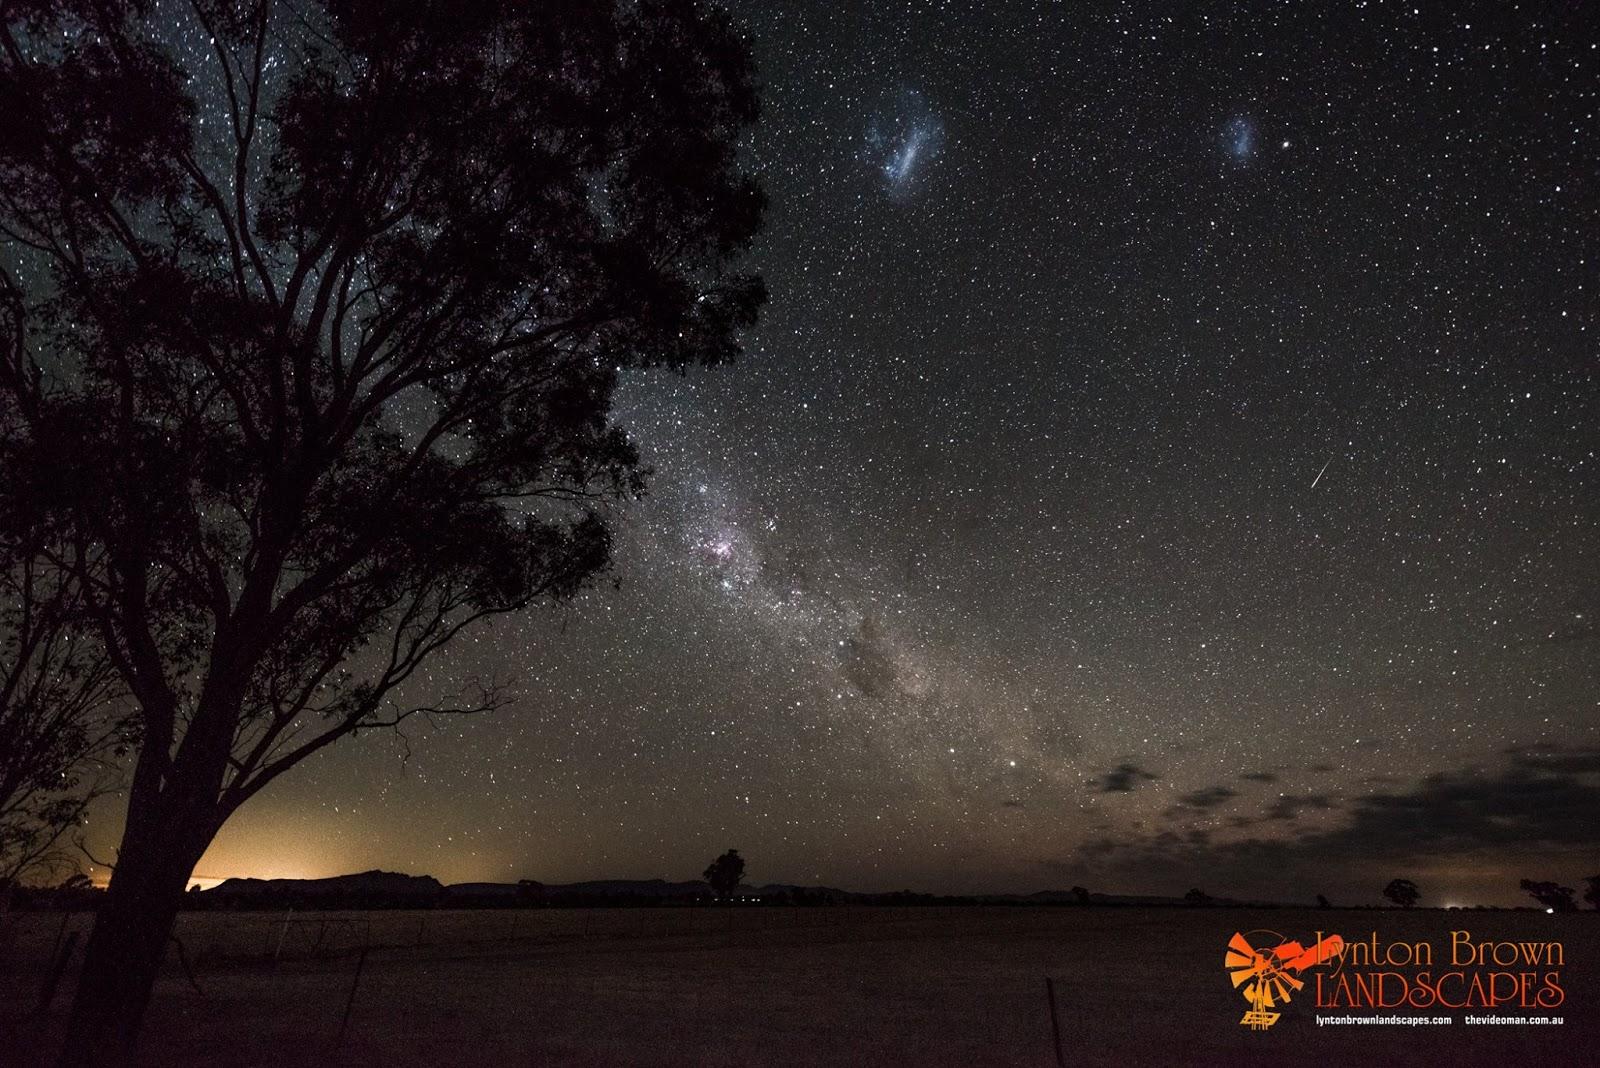 Một vệt sao băng Geminid trên bầu trời đặc trưng ở nam bán cầu với hai đám mây Magellan. Đây là tấm hình phơi sáng 30 giây bởi tác giả Lynton Brown chụp ở Horsham, nước Úc vào rạng sáng 14 tháng 12 năm 2014.